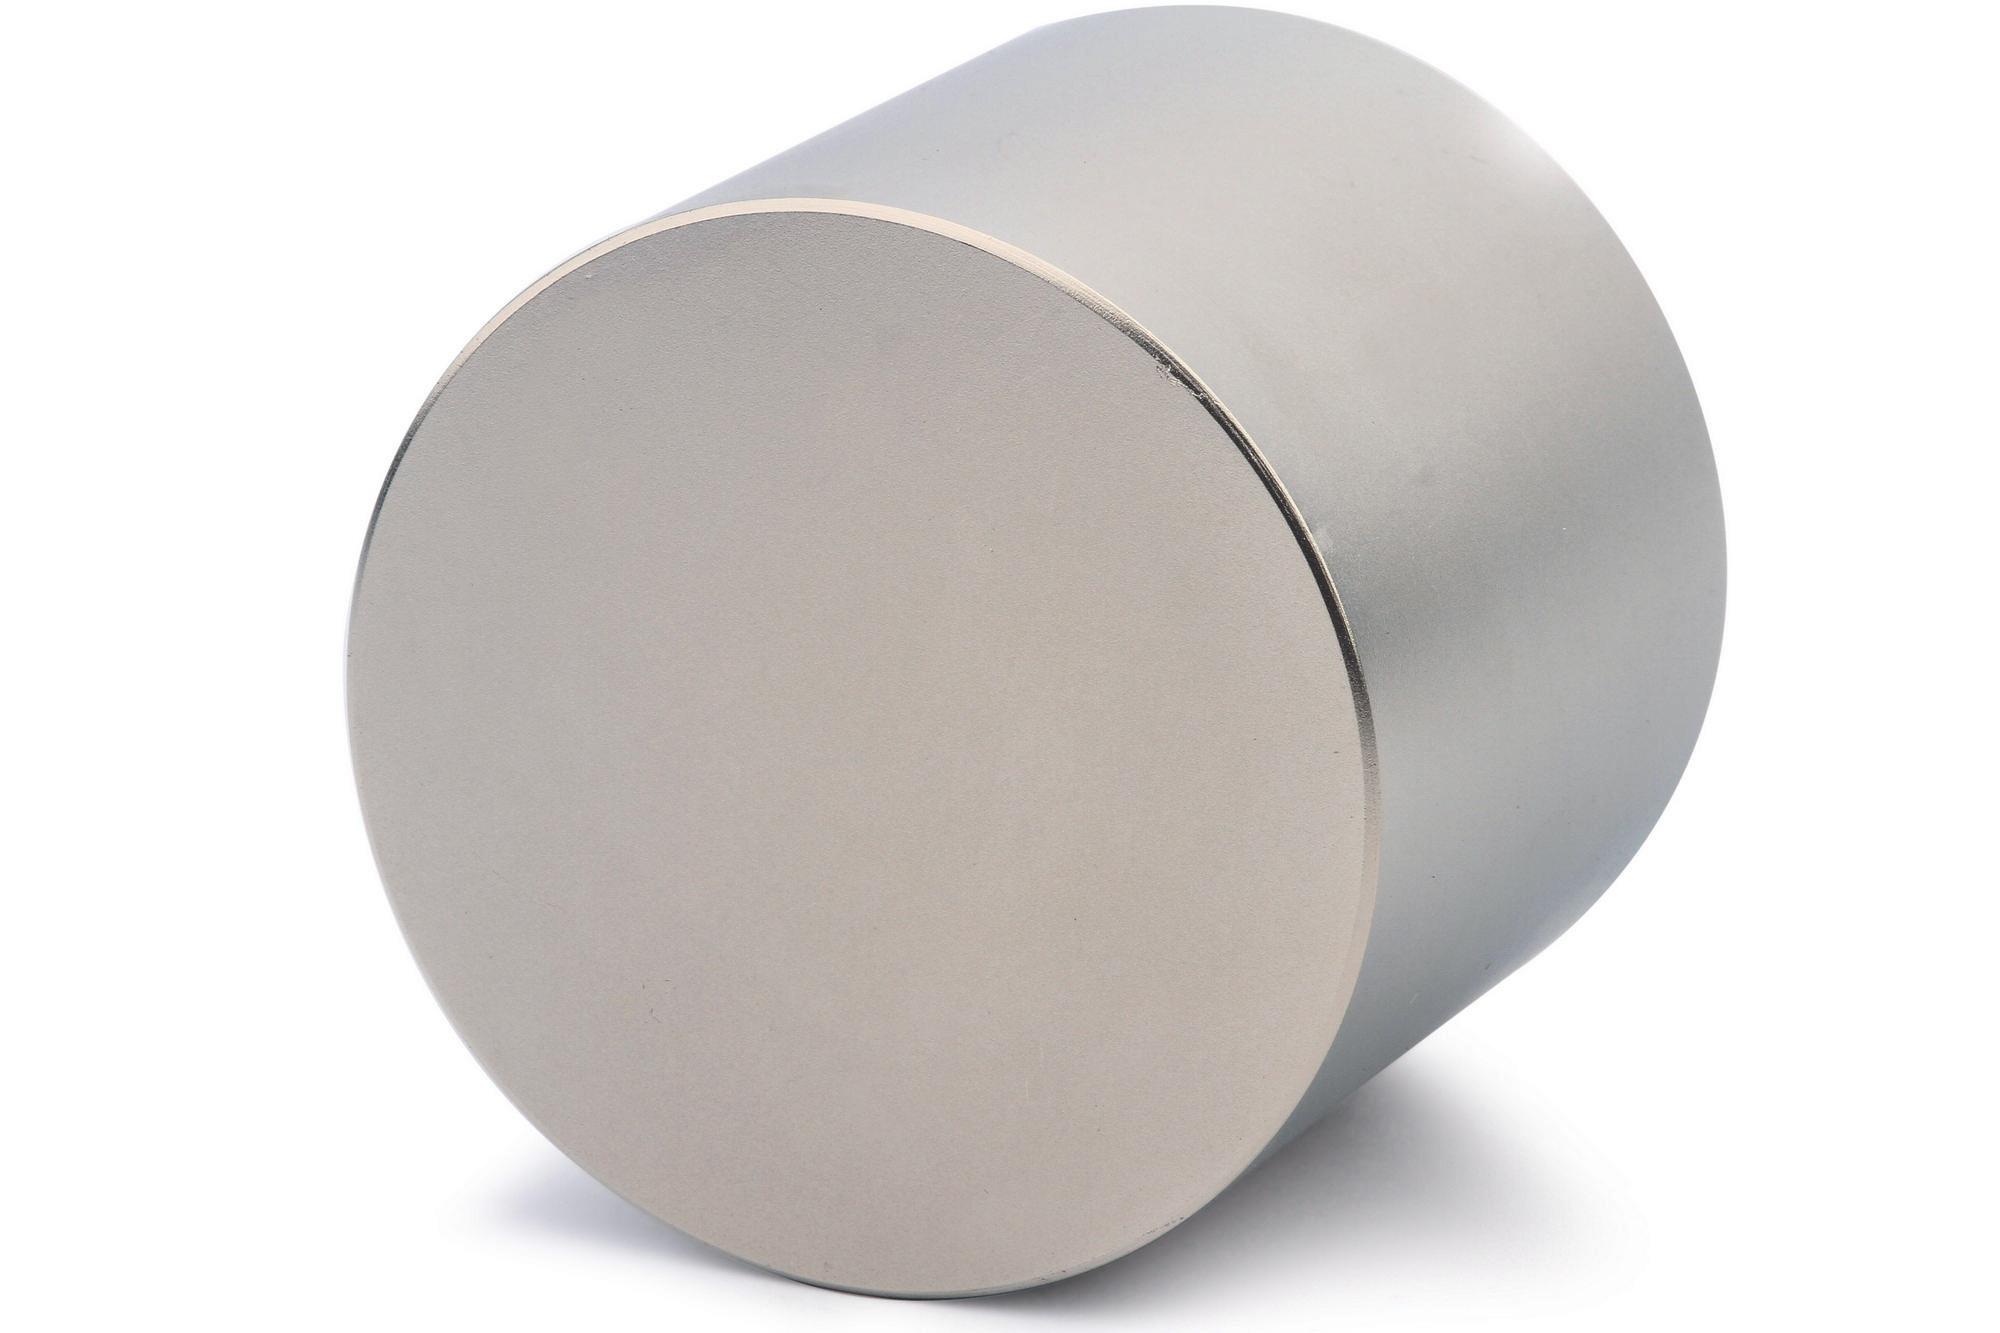 Мир Магнитов Неодимовый магнит диск 70х60 мм